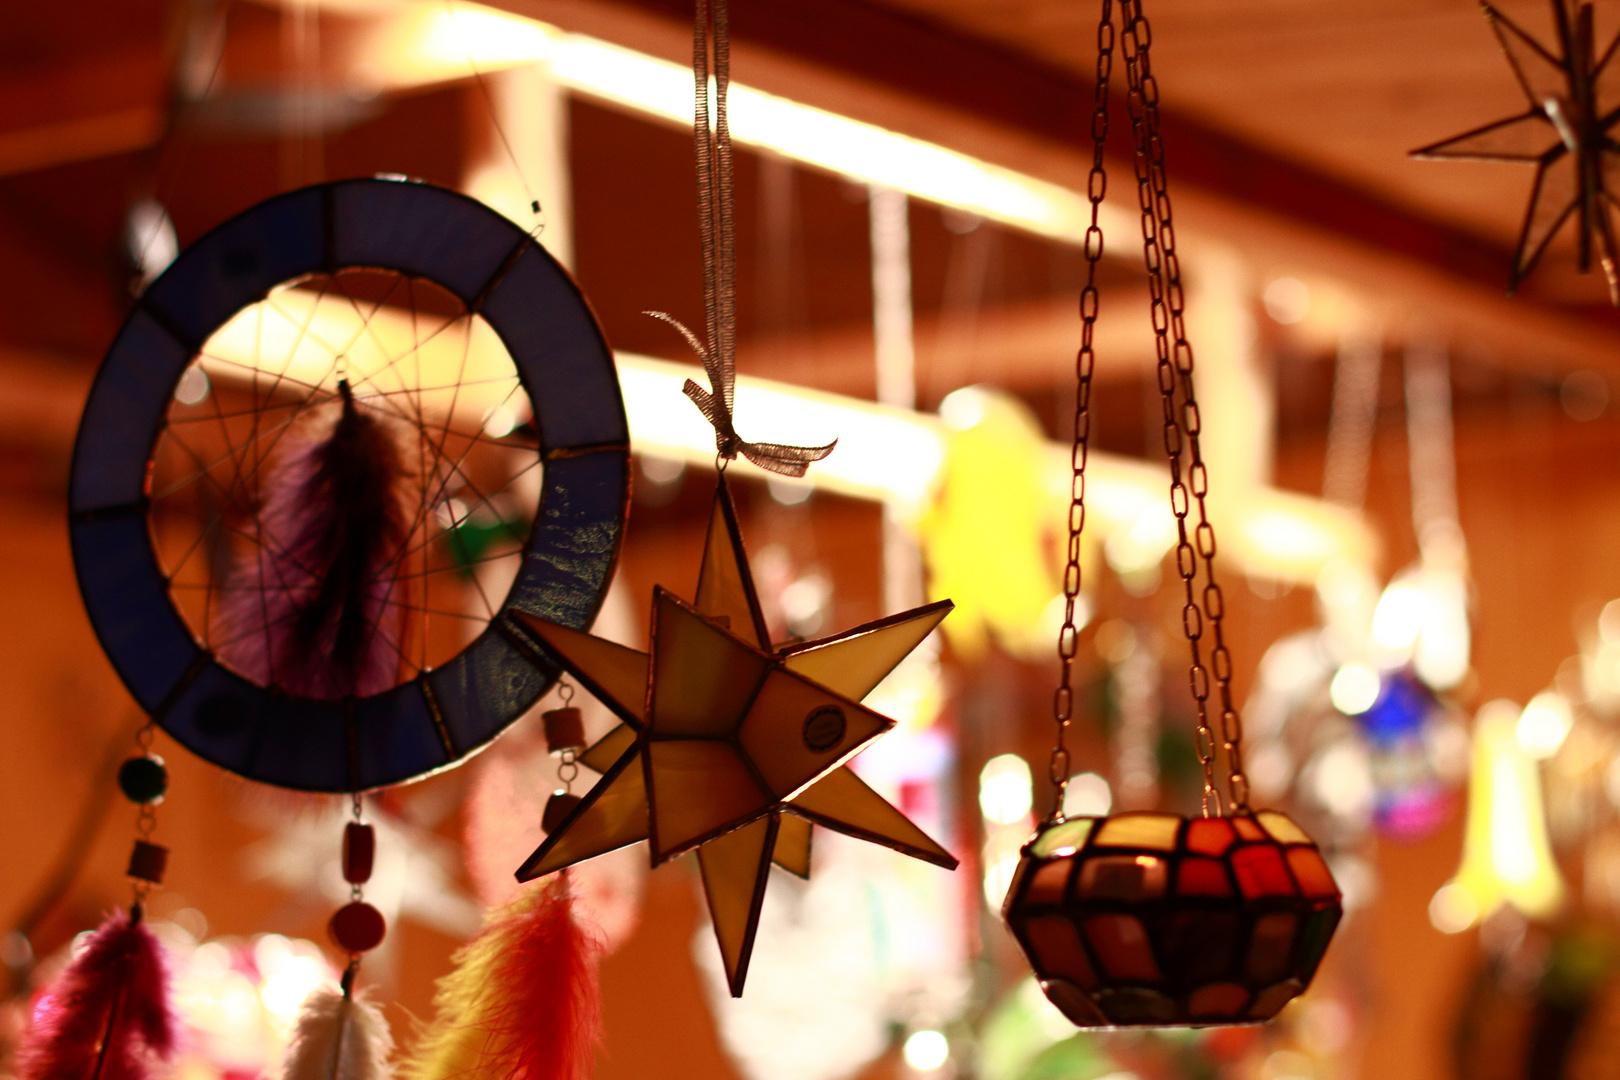 Weihnachtsdeko - Weihnachstmarkt Langen Hessen